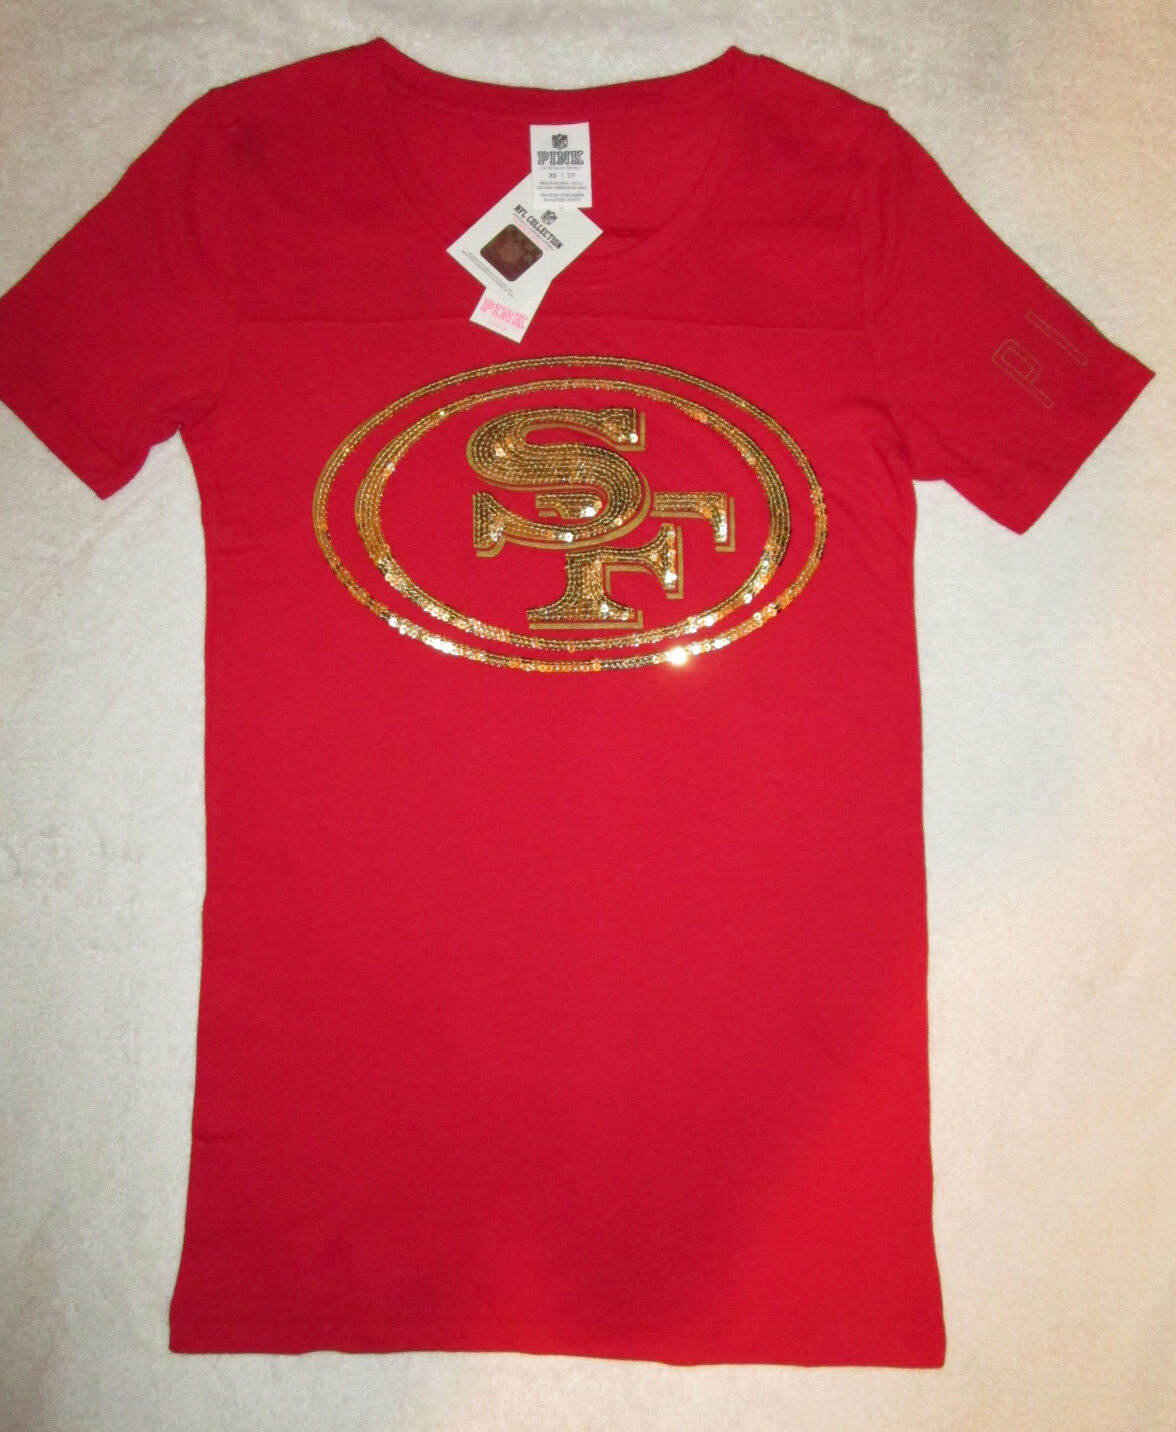 Victoria's Secret Rosa Bling San Francisco 49ers Crew Neck Tshirt XS NWT